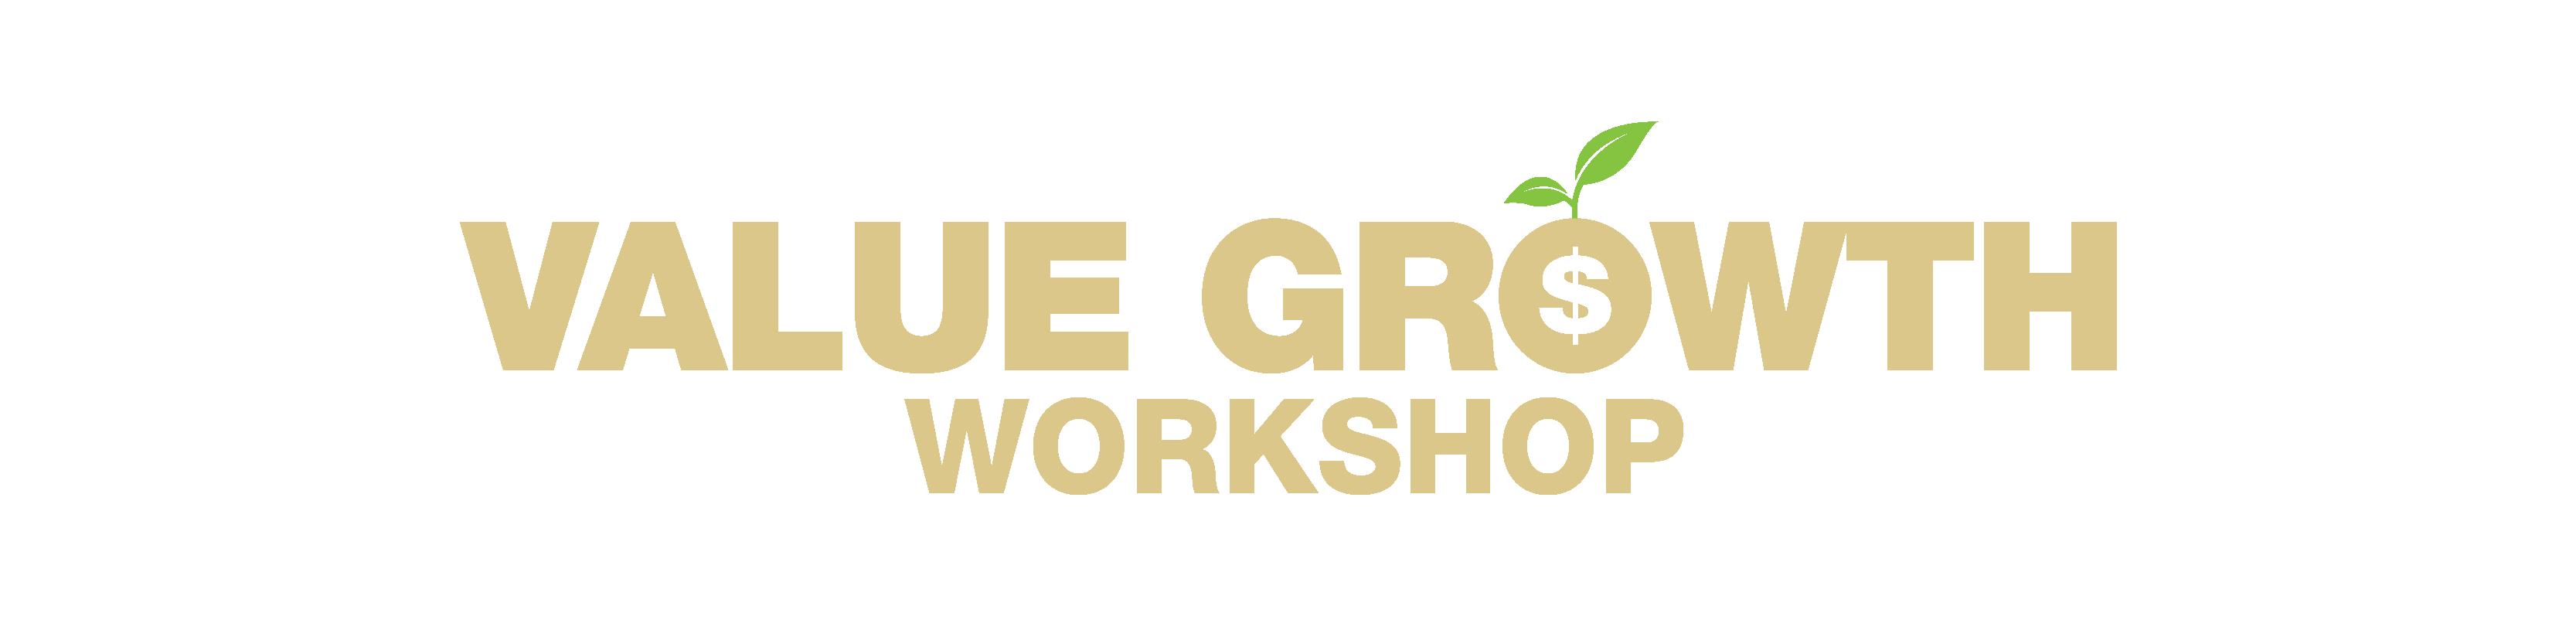 value investing workshop